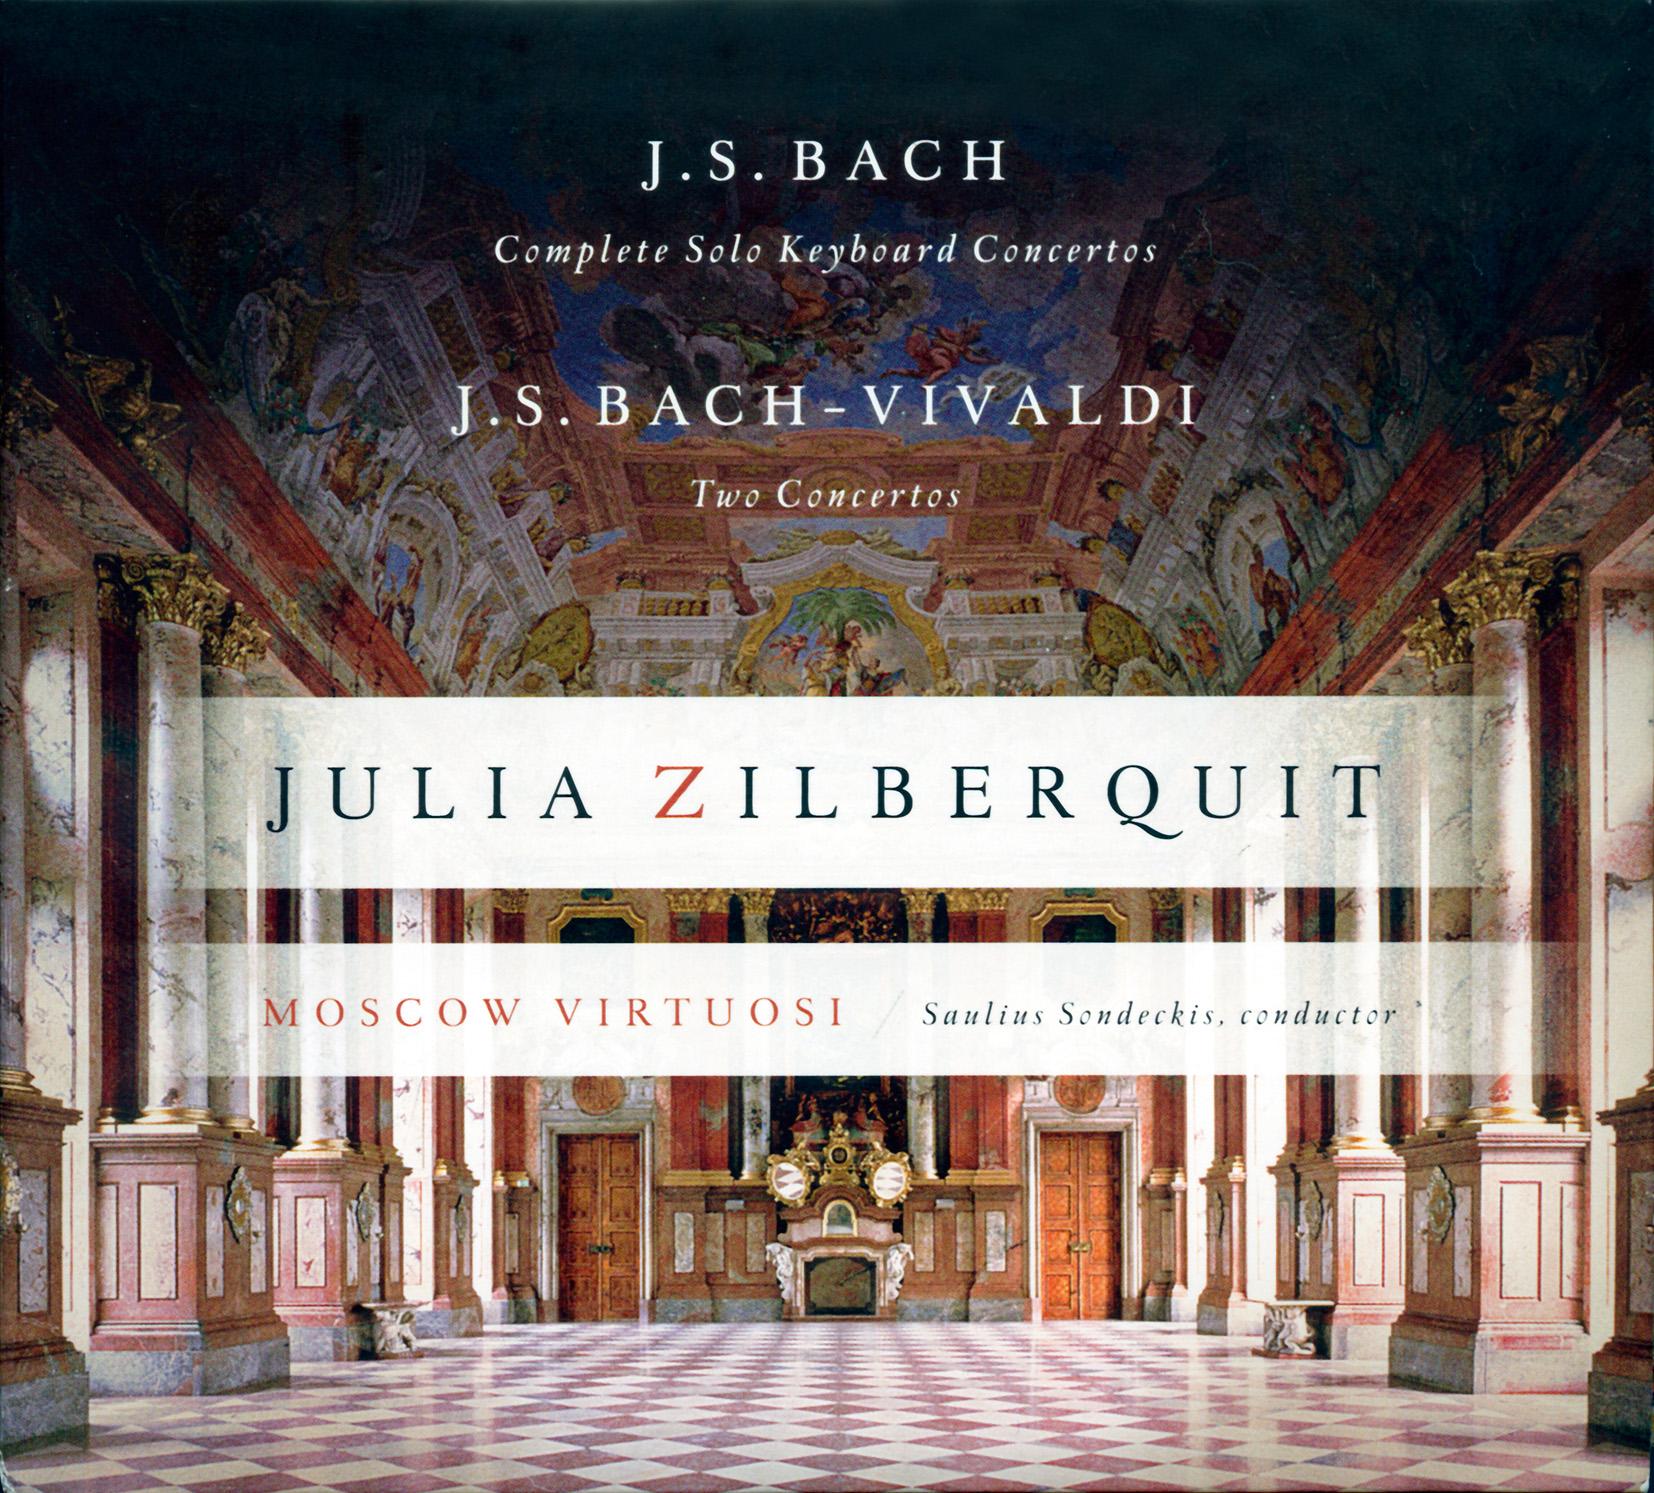 Джулия Зильберквит. Бах. Полное собрание сольных концертов для клавира.